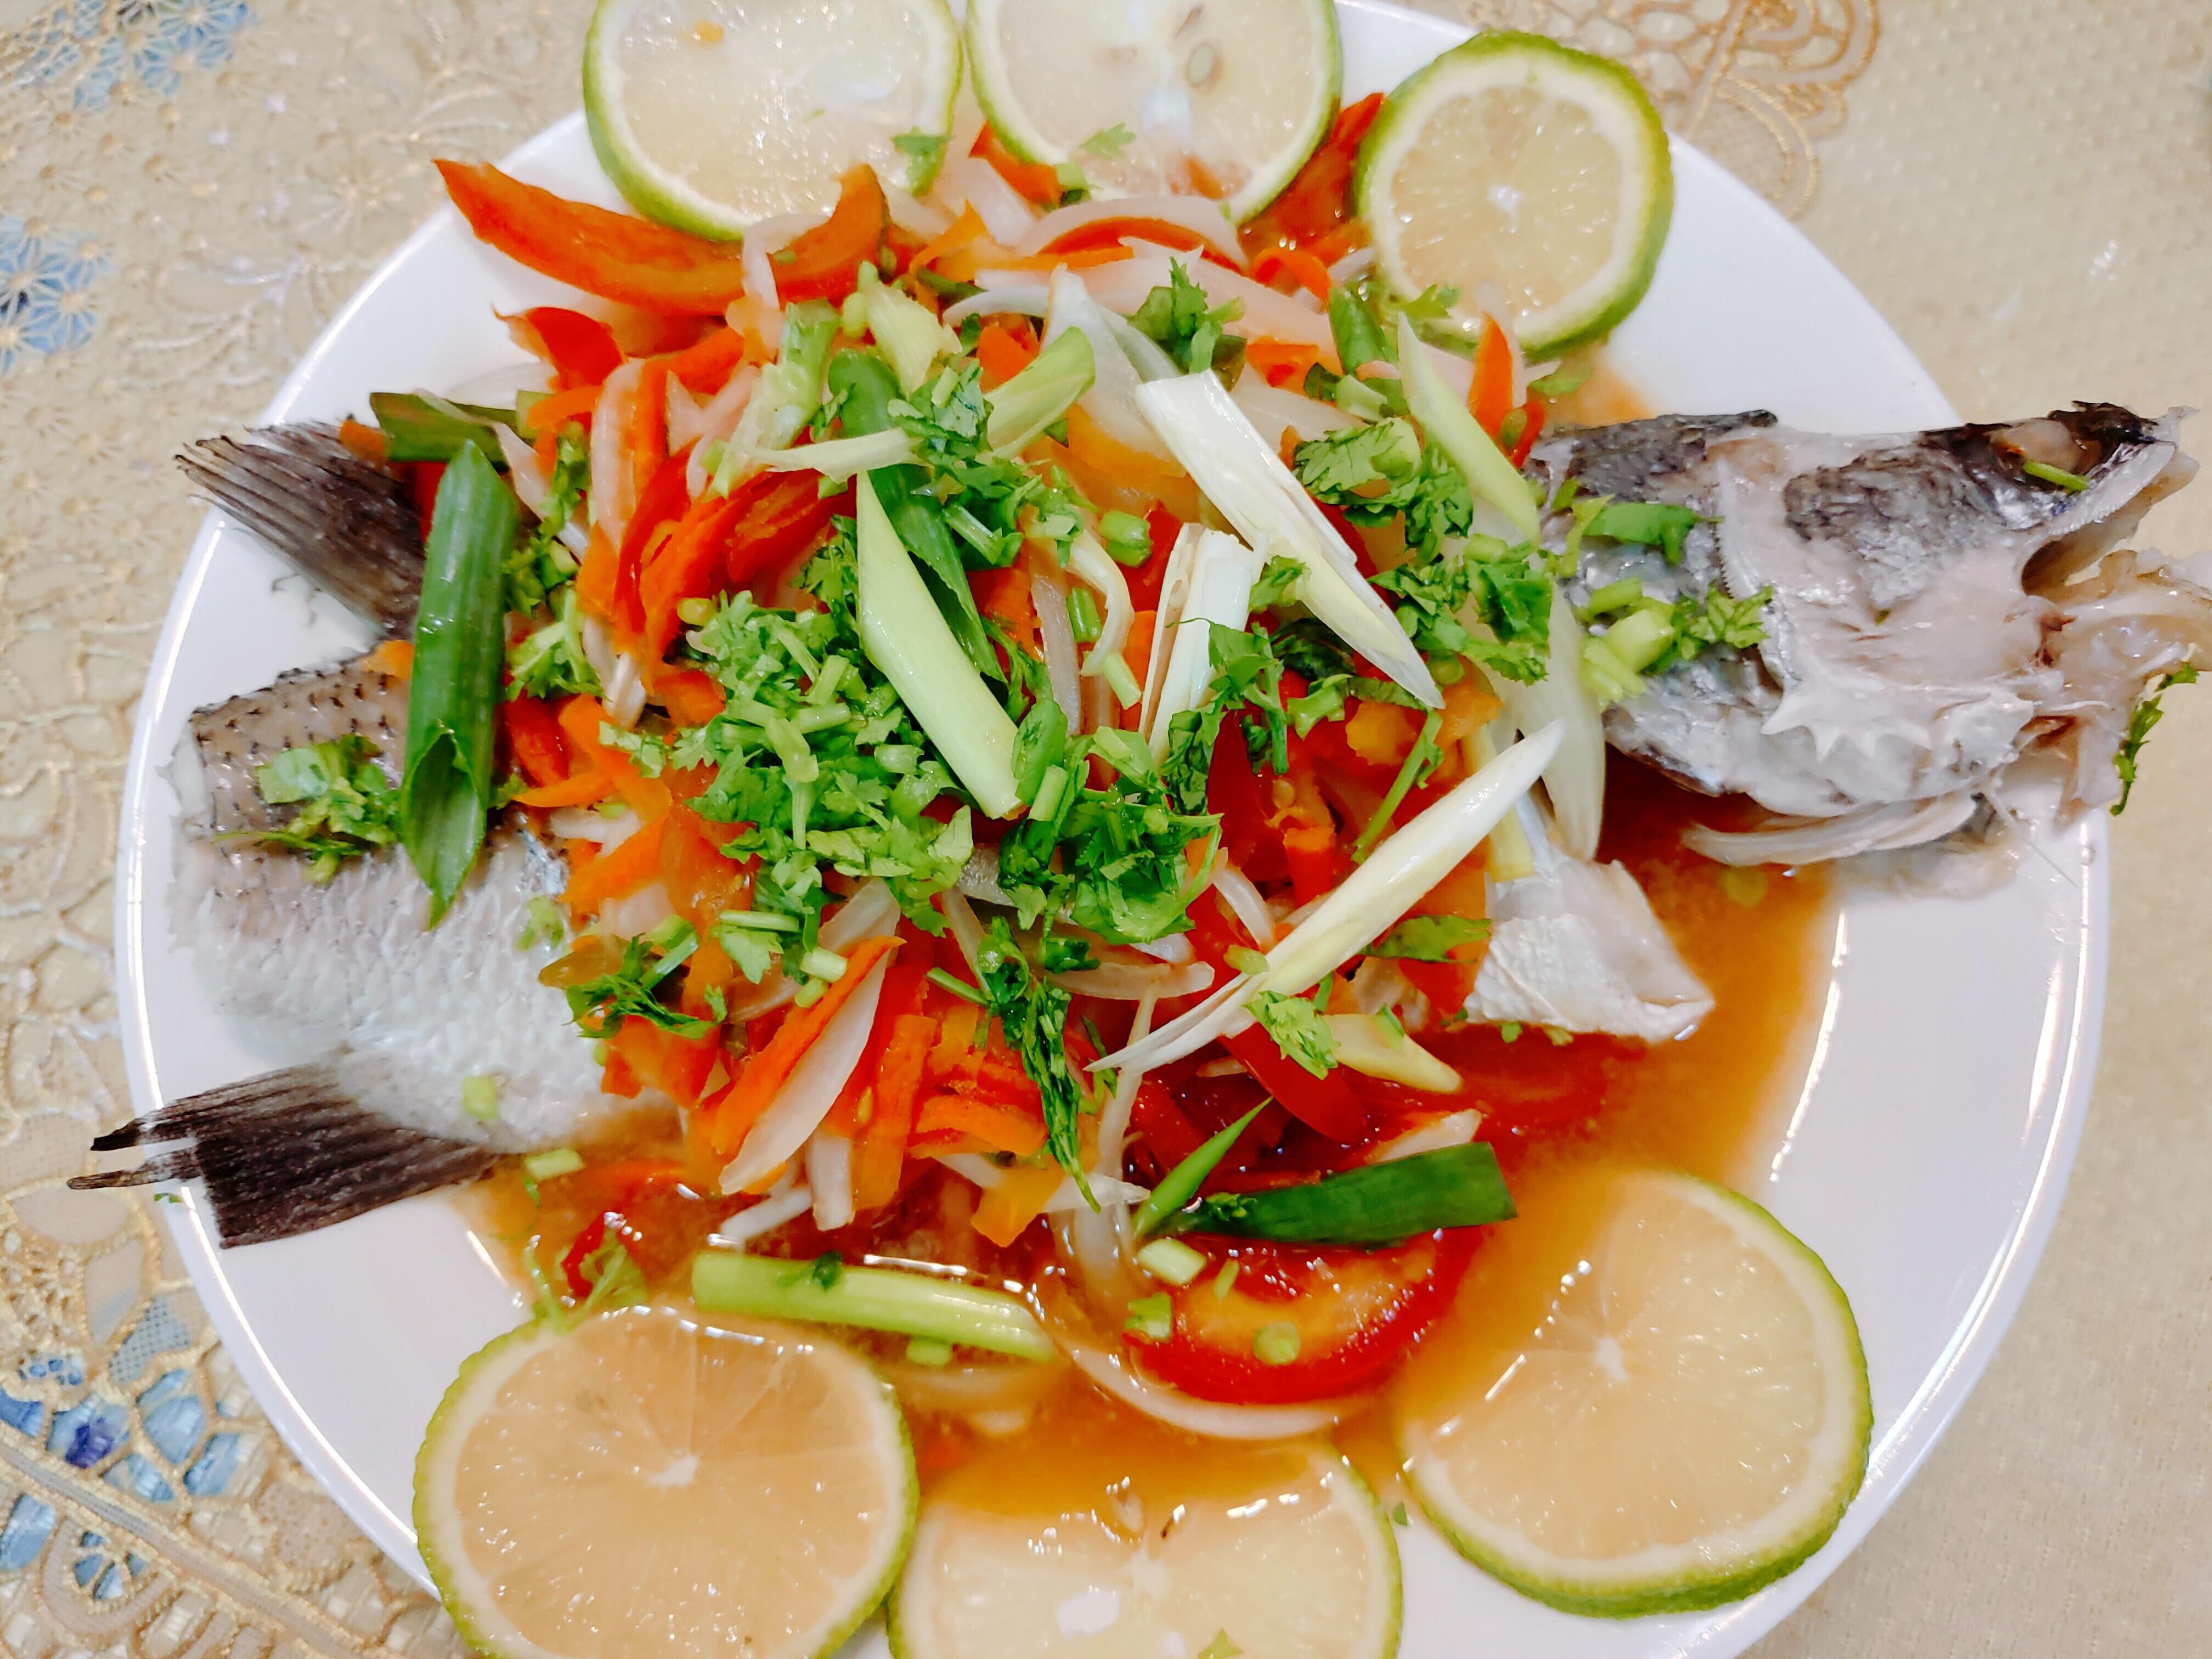 【食譜】泰式檸檬魚|超簡單就能上桌的泰式料理